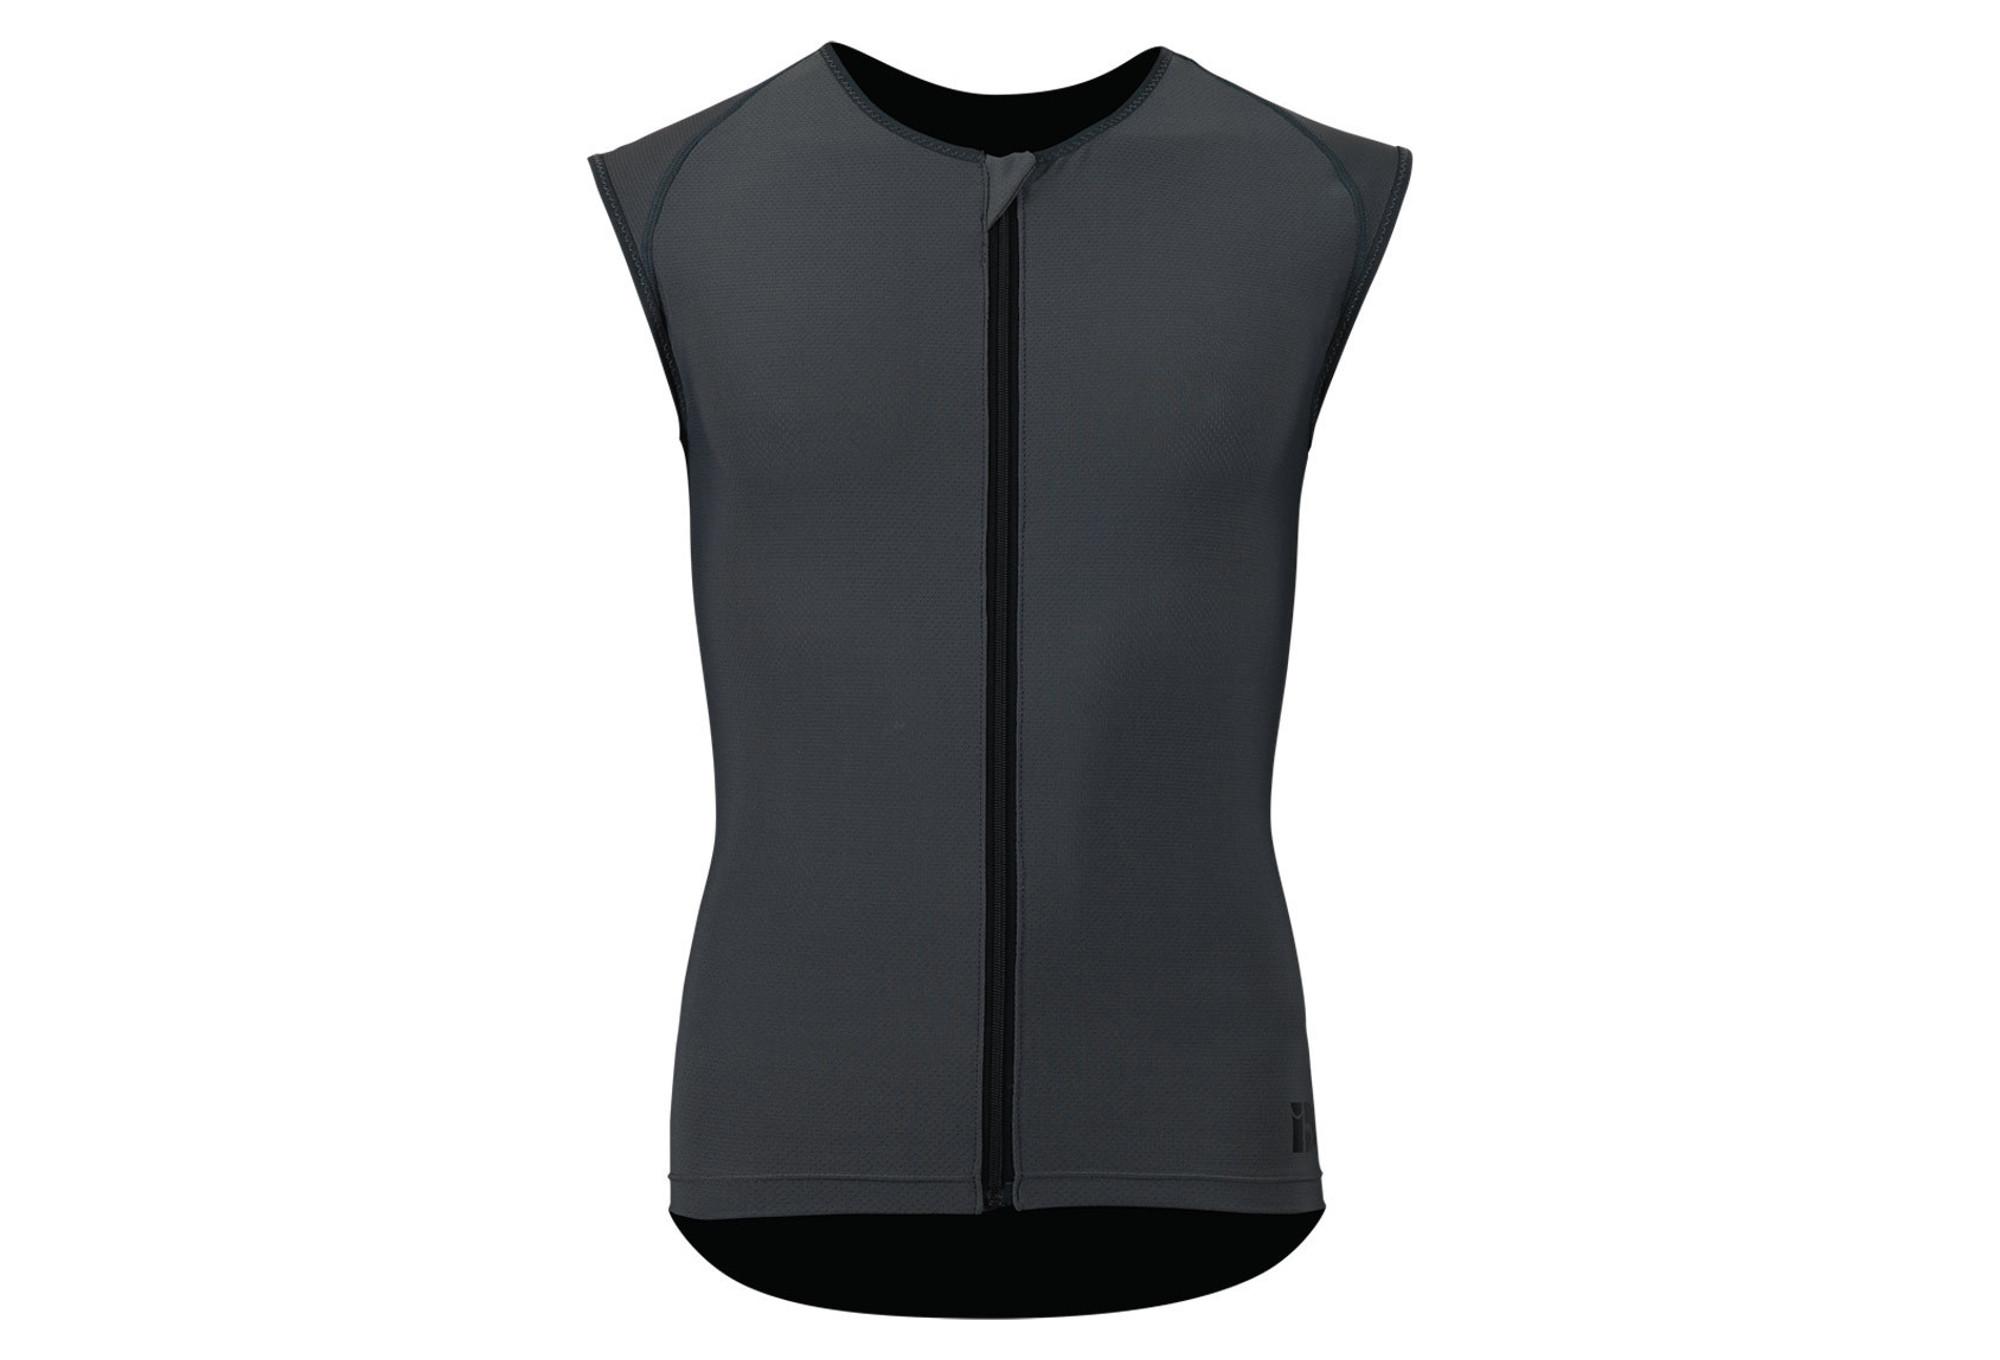 ixs kinder protektor shirt flow grau. Black Bedroom Furniture Sets. Home Design Ideas